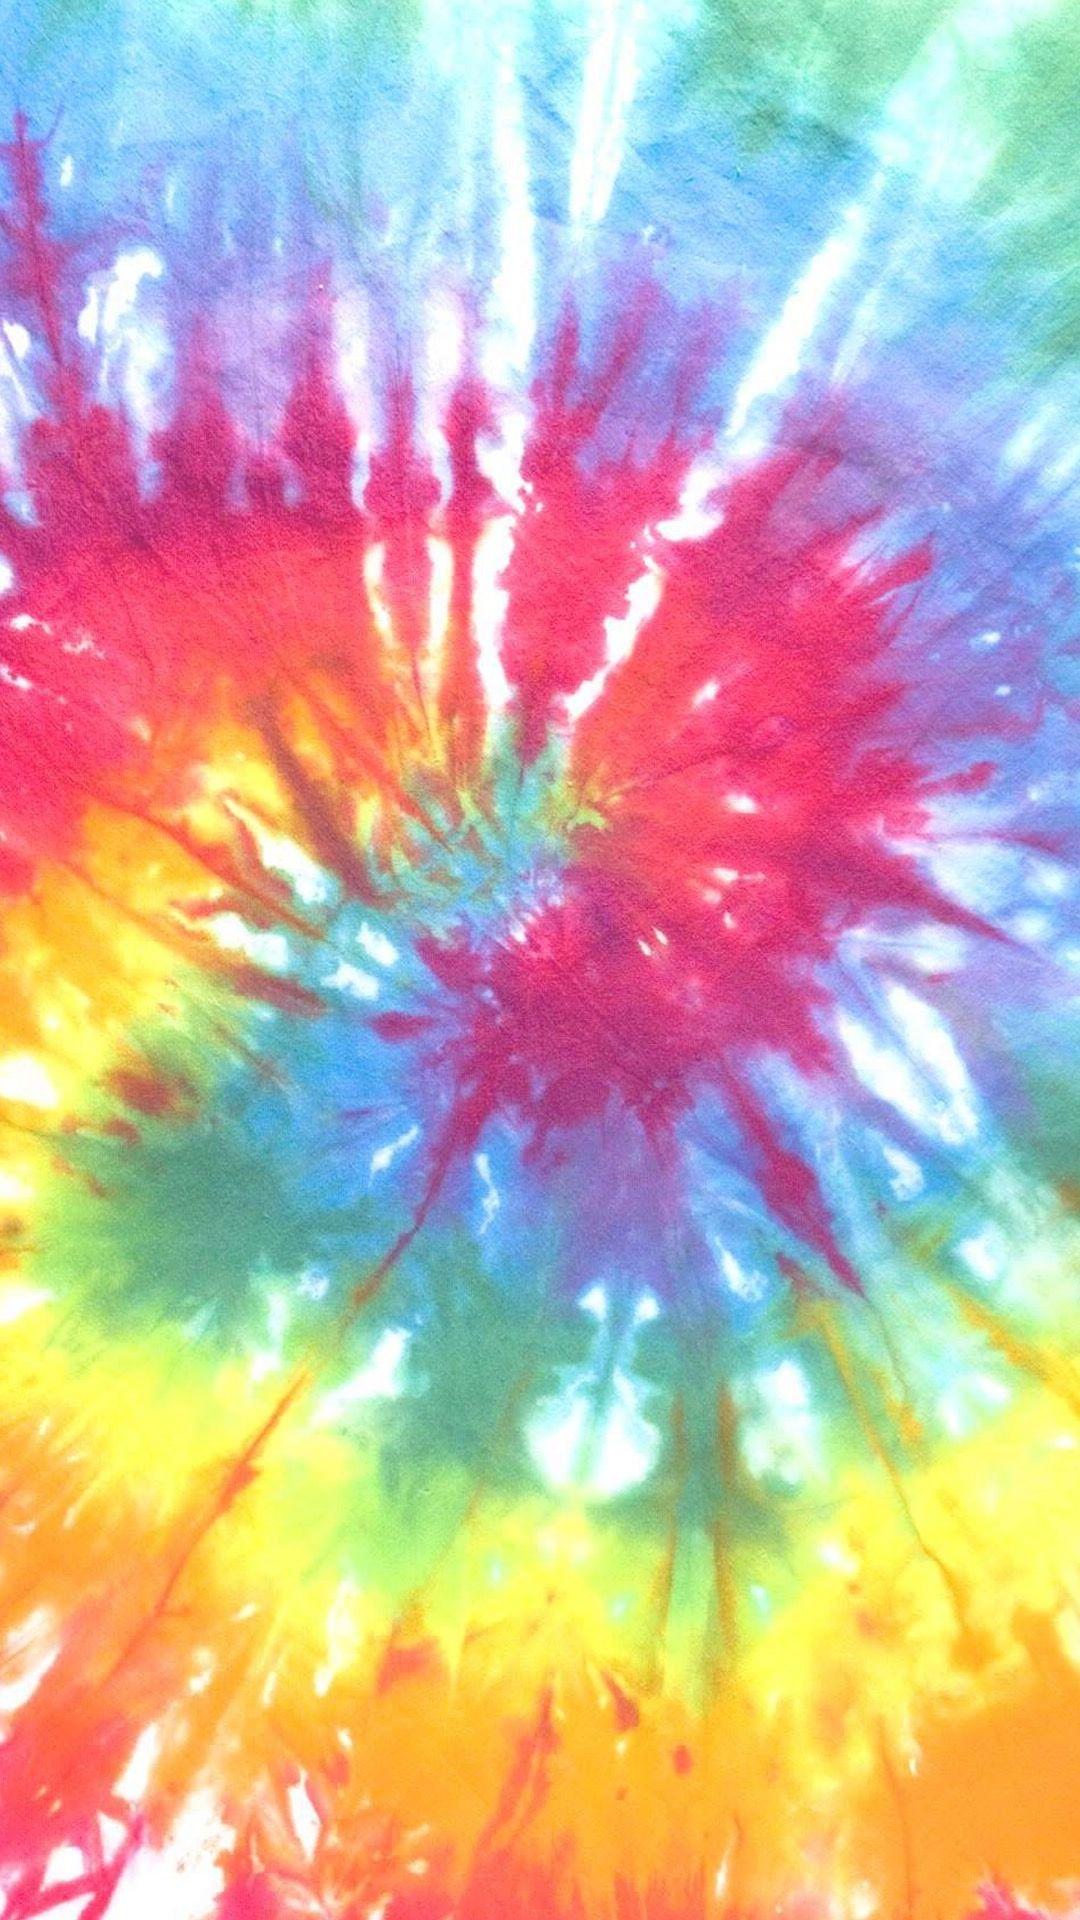 Tie Dye Wallpaper - Wallpaper Sun